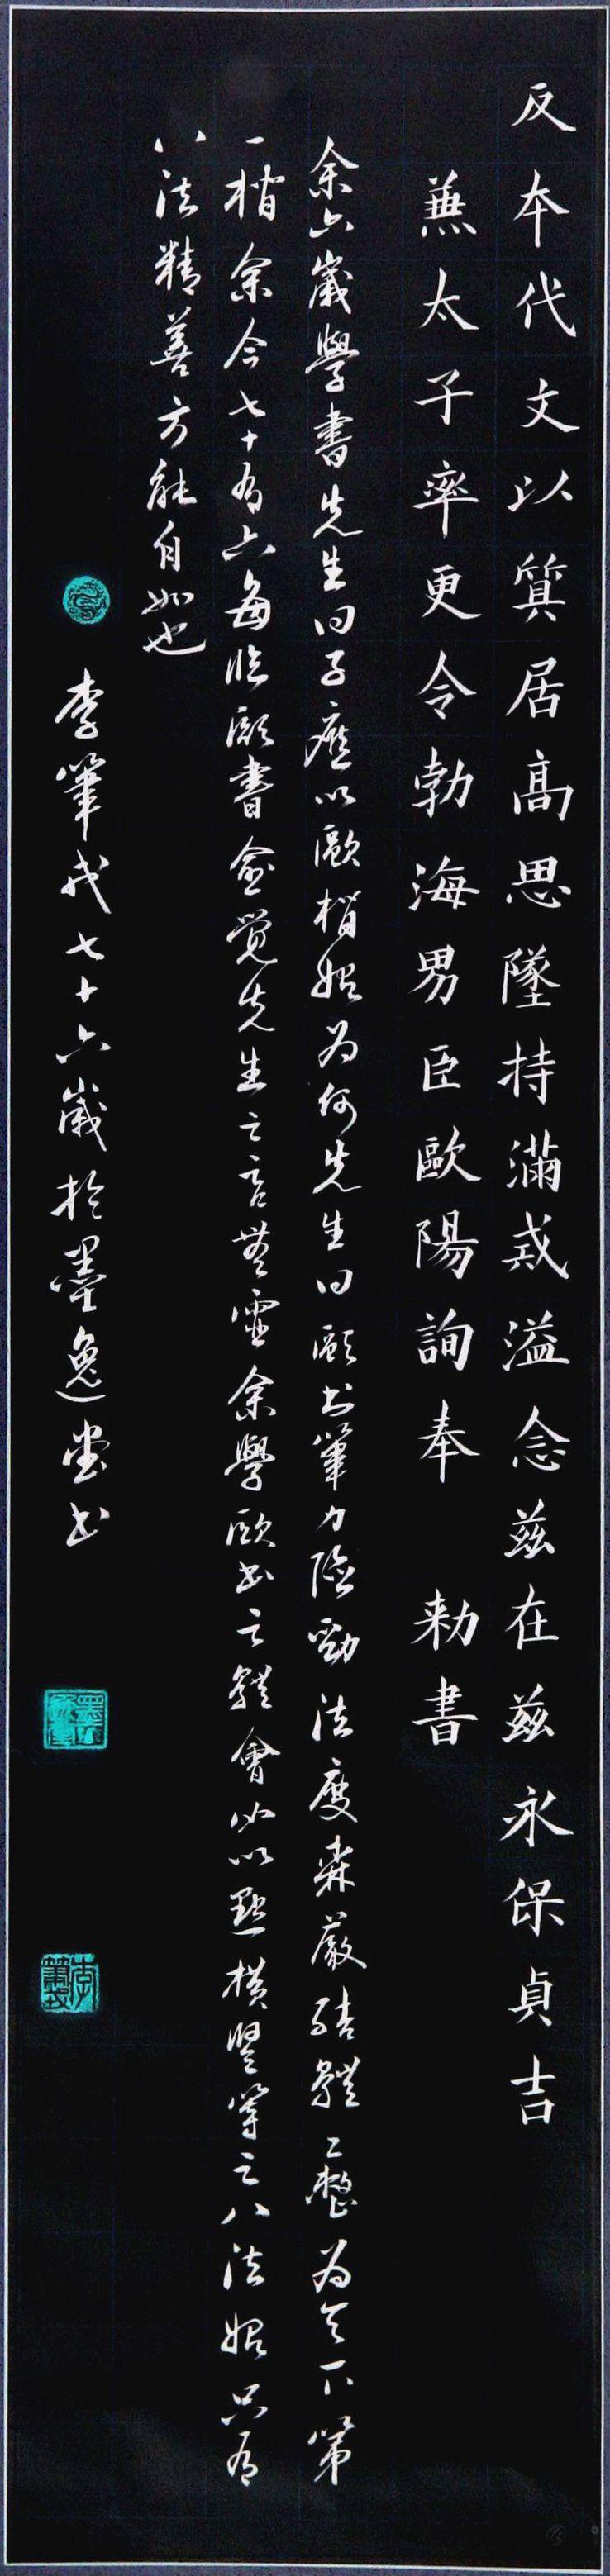 李笔戎 (8)_副本_副本_副本.jpg